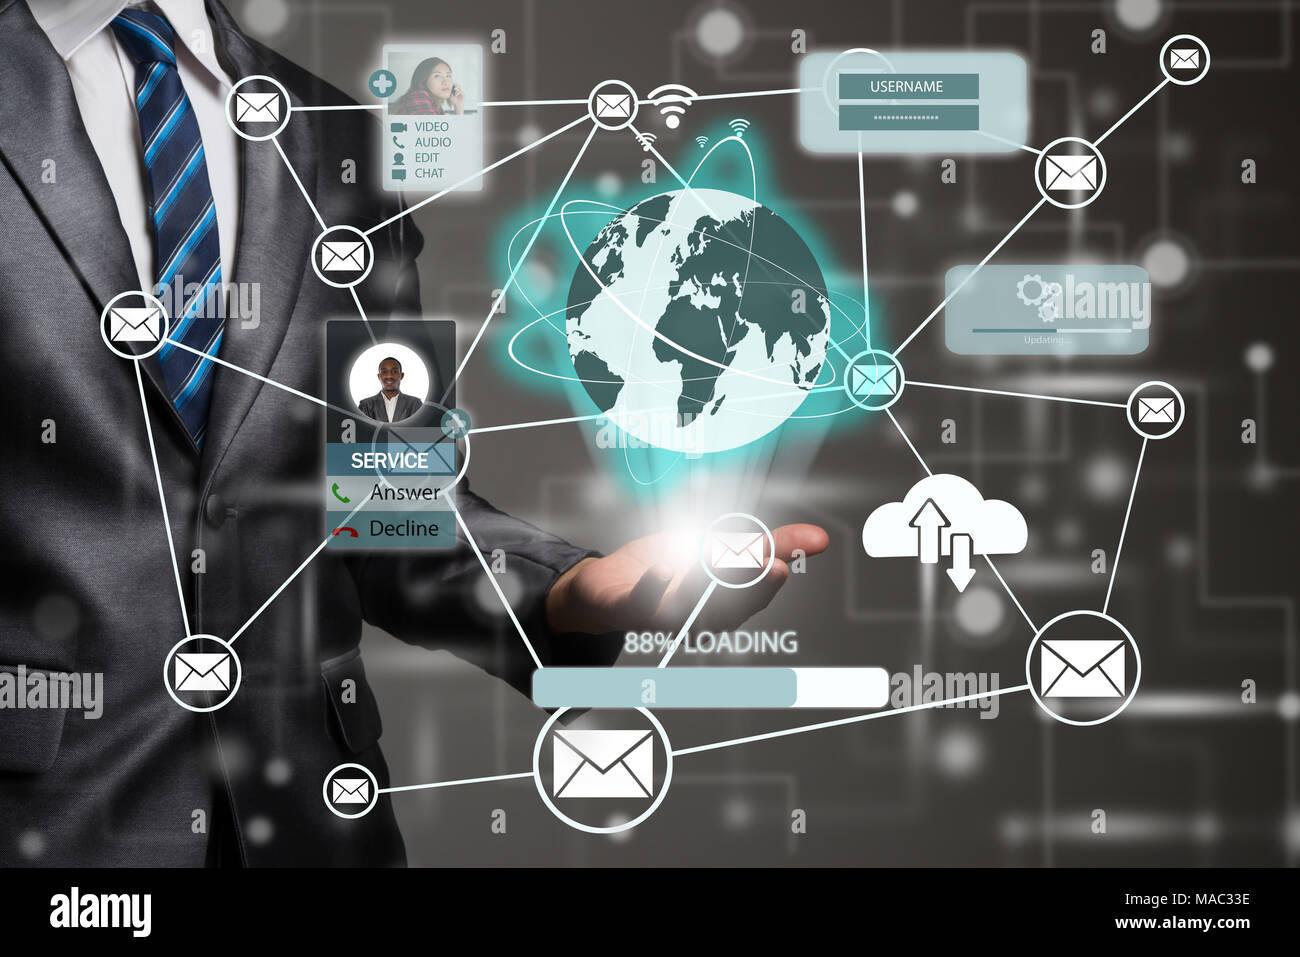 Computer Cloud Diagram Stock Photos & Computer Cloud Diagram Stock ...